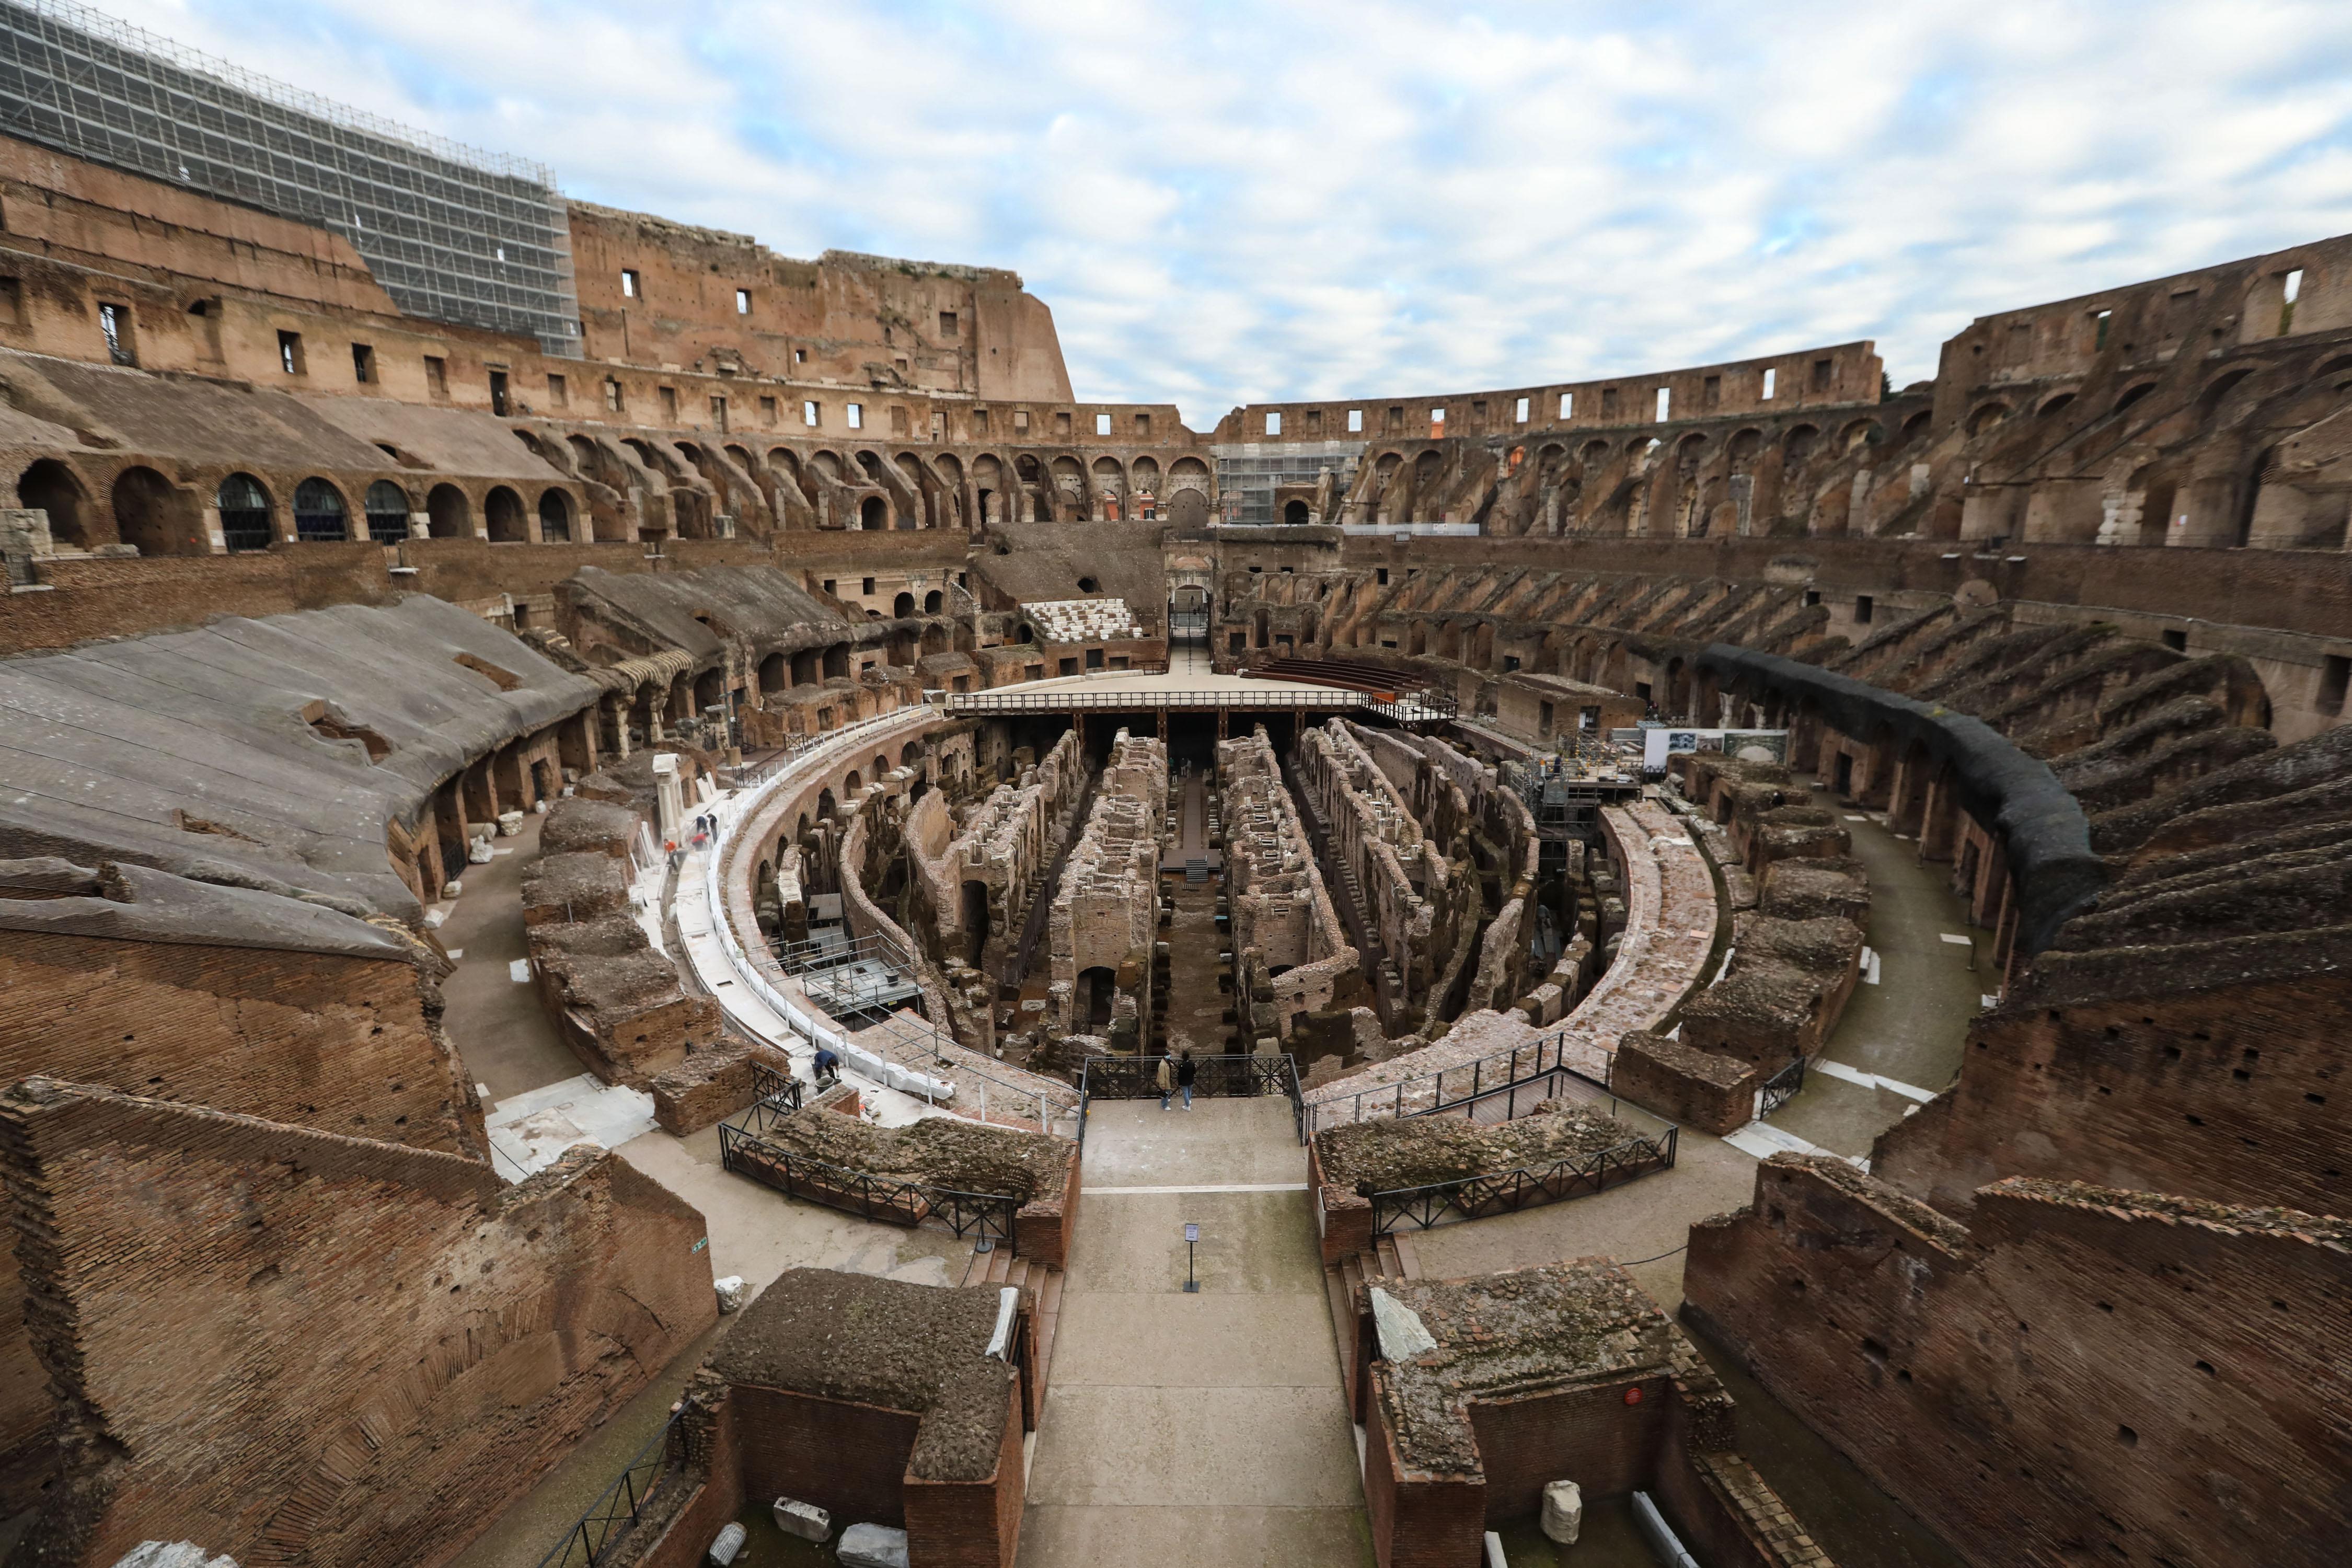 意大利进一步加强疫情防控 罗马斗兽场将再次关闭